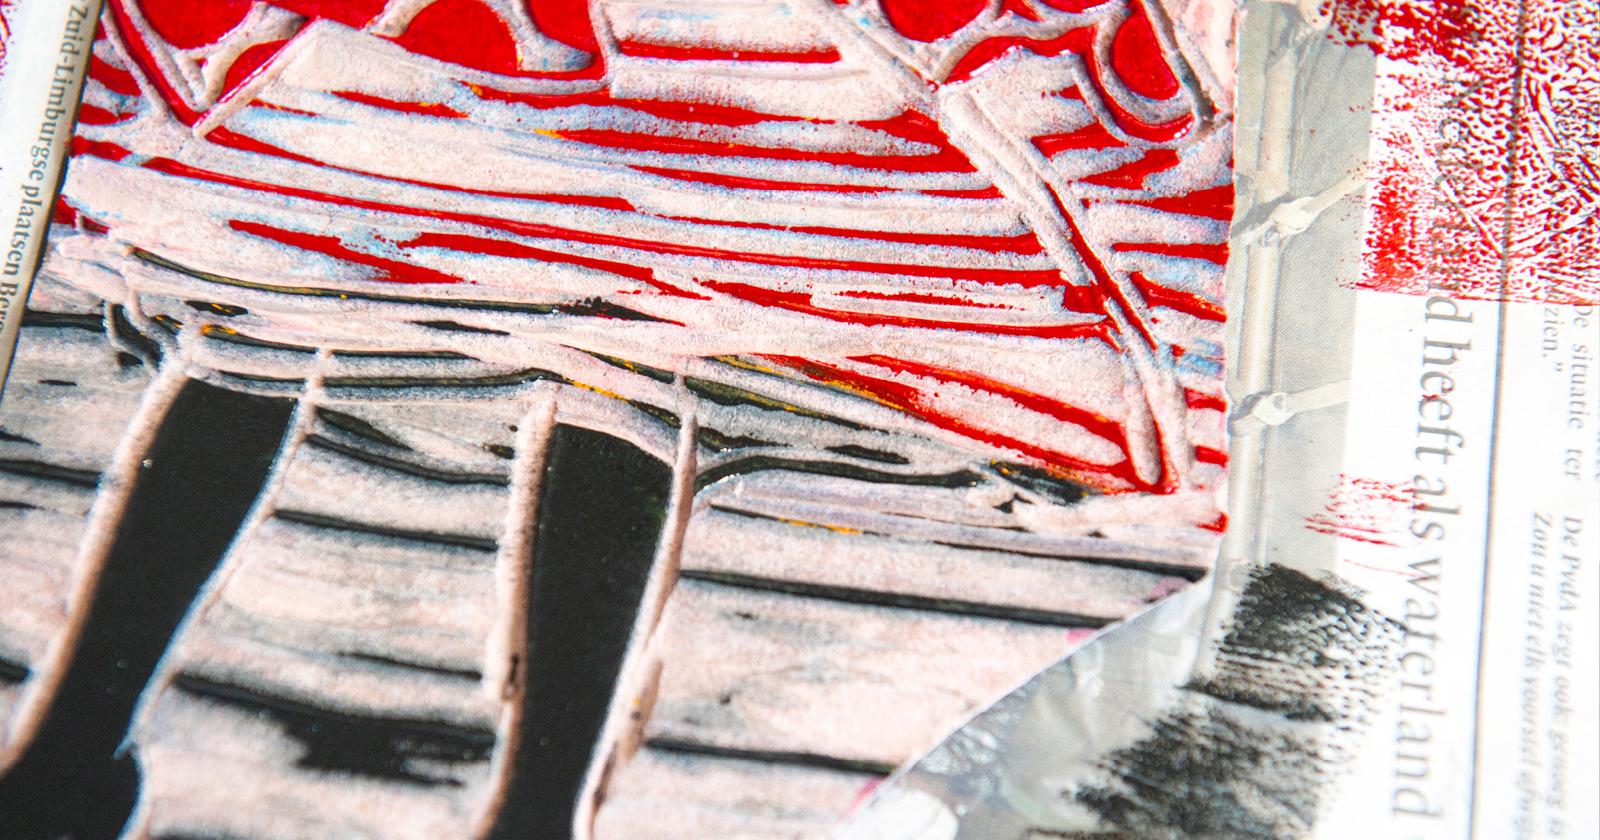 atelier-frissewind-1-122